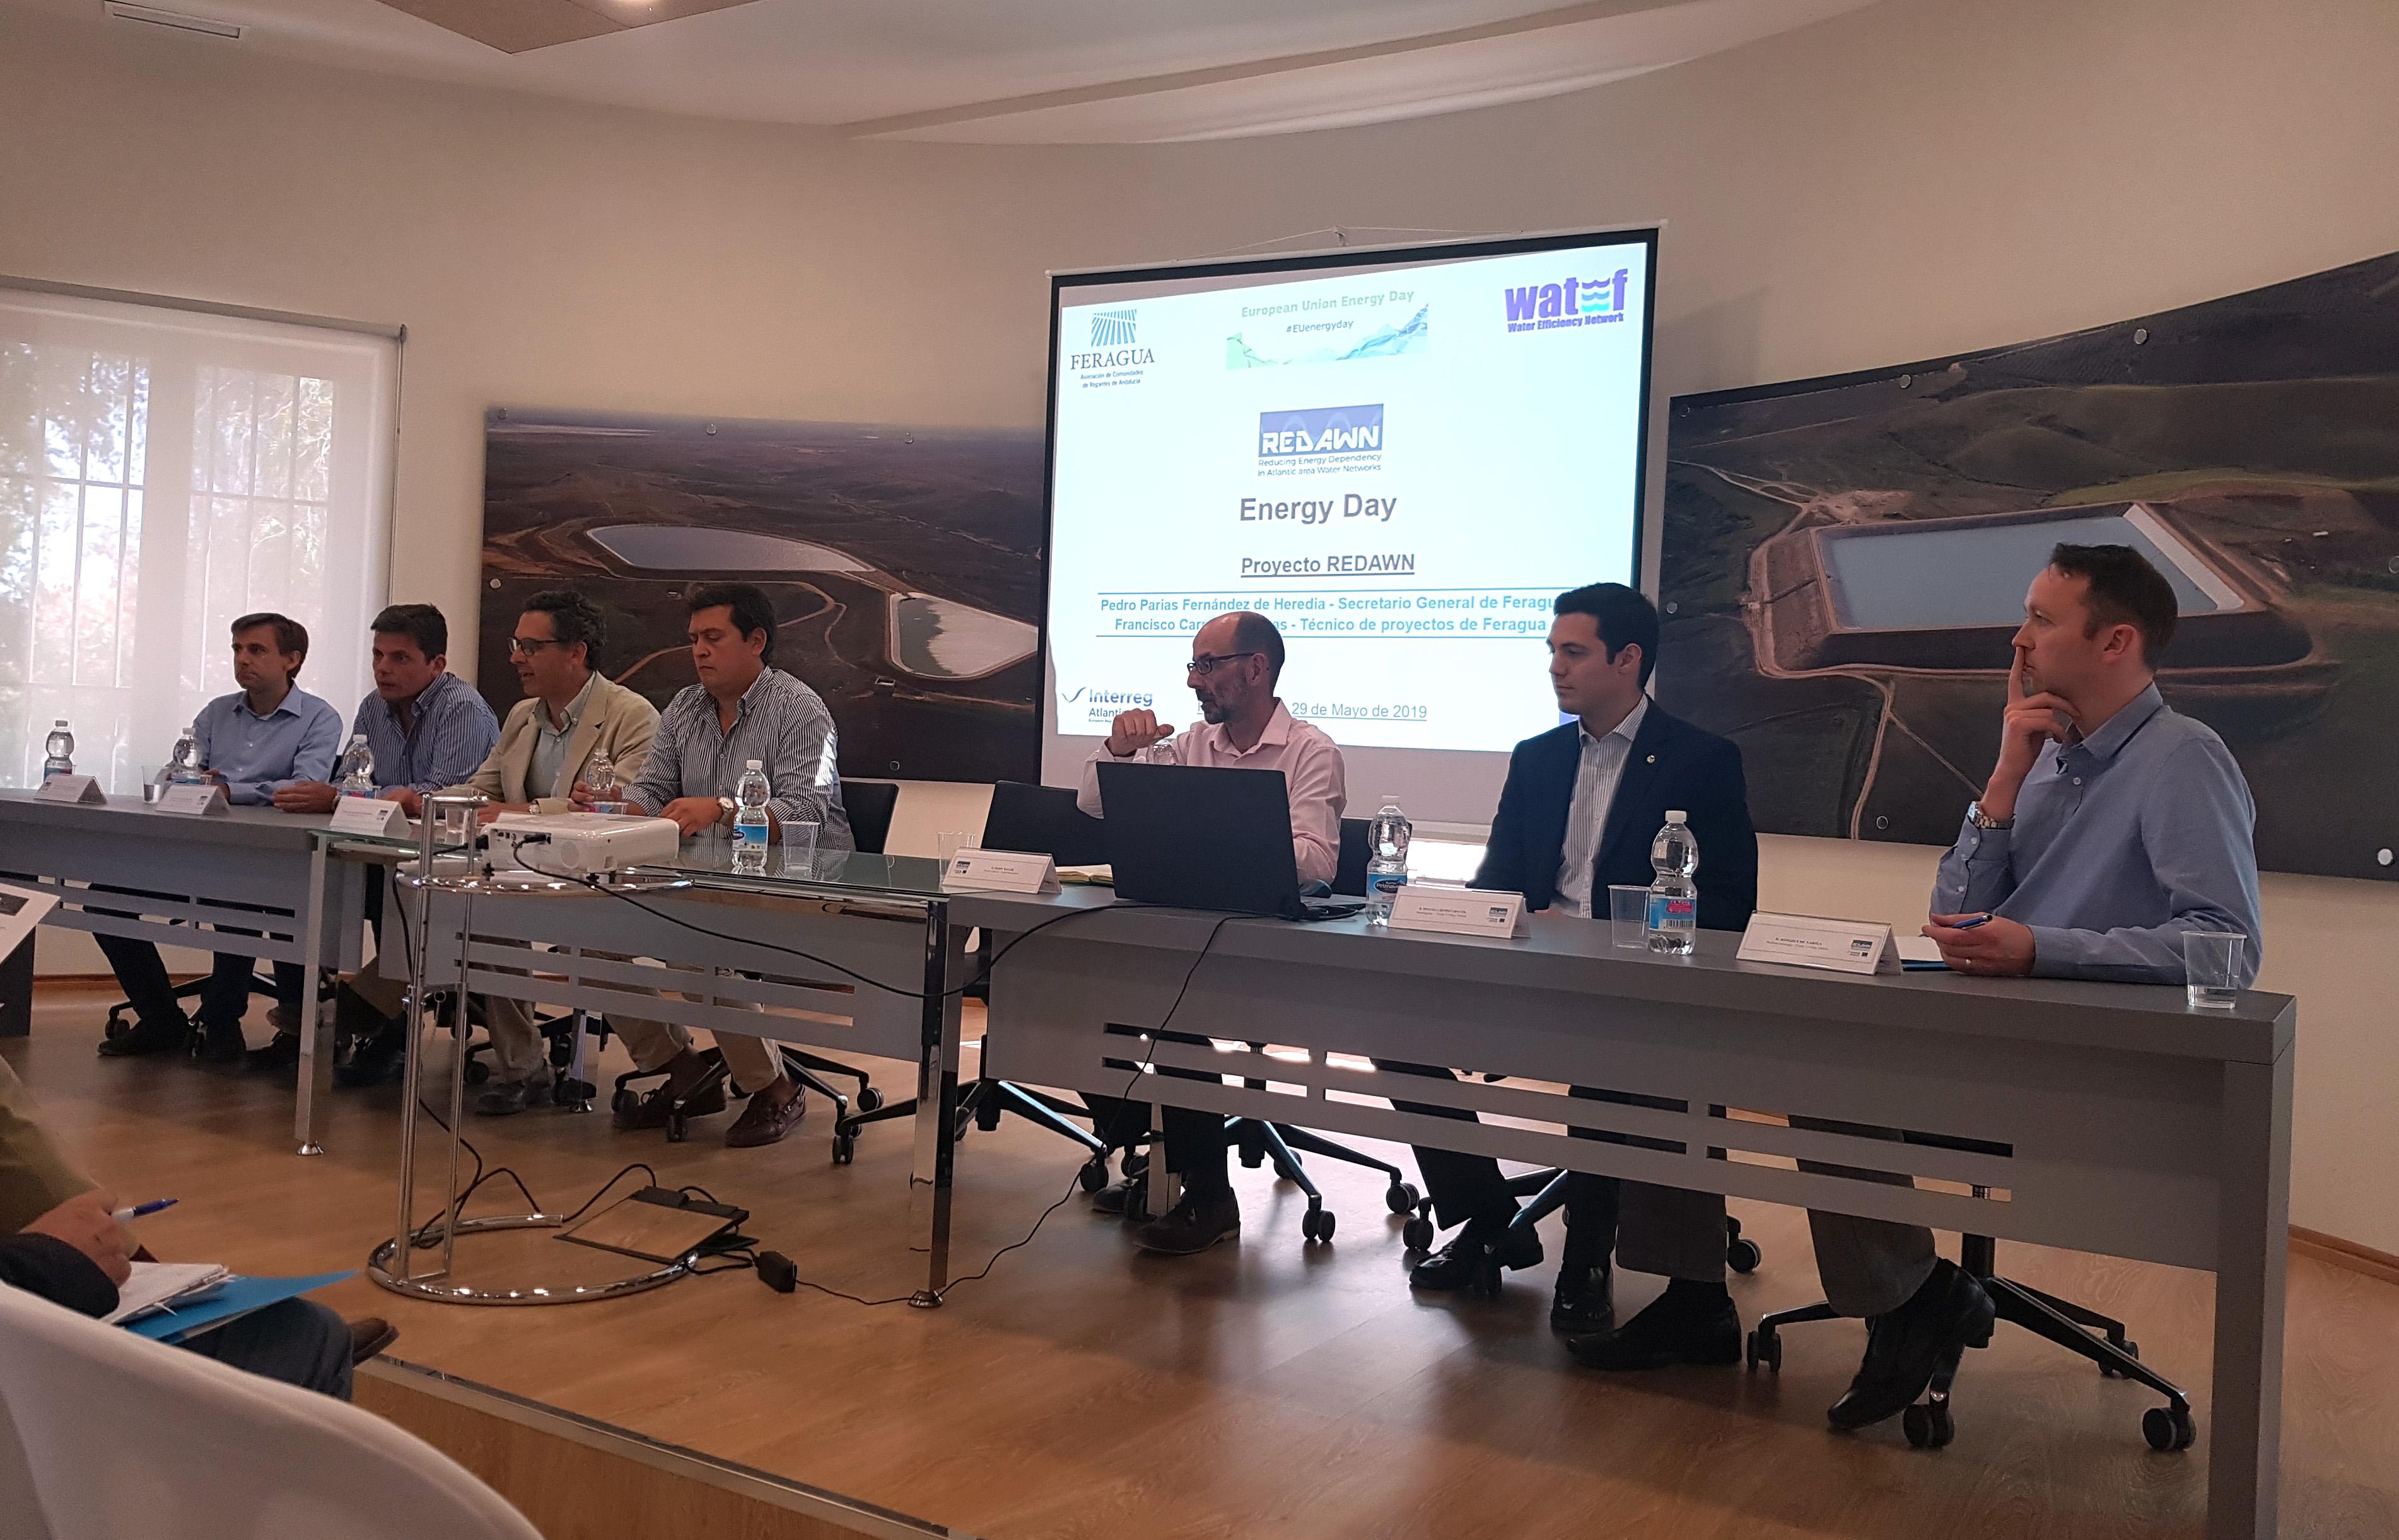 Puesta de largo de la planta piloto en España de REDAWN en Palma del Río, proyecto europeo para mejorar la eficiencia energética de distribución de agua en redes mediante el uso de microturbinas